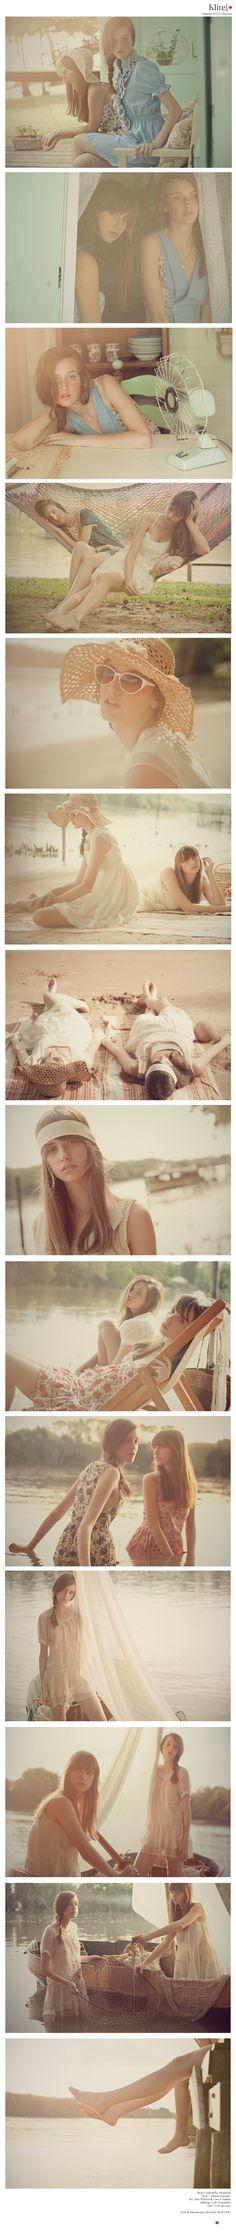 senior girl photography posing ideas #photography {senior friends photography session ideas} #fashion